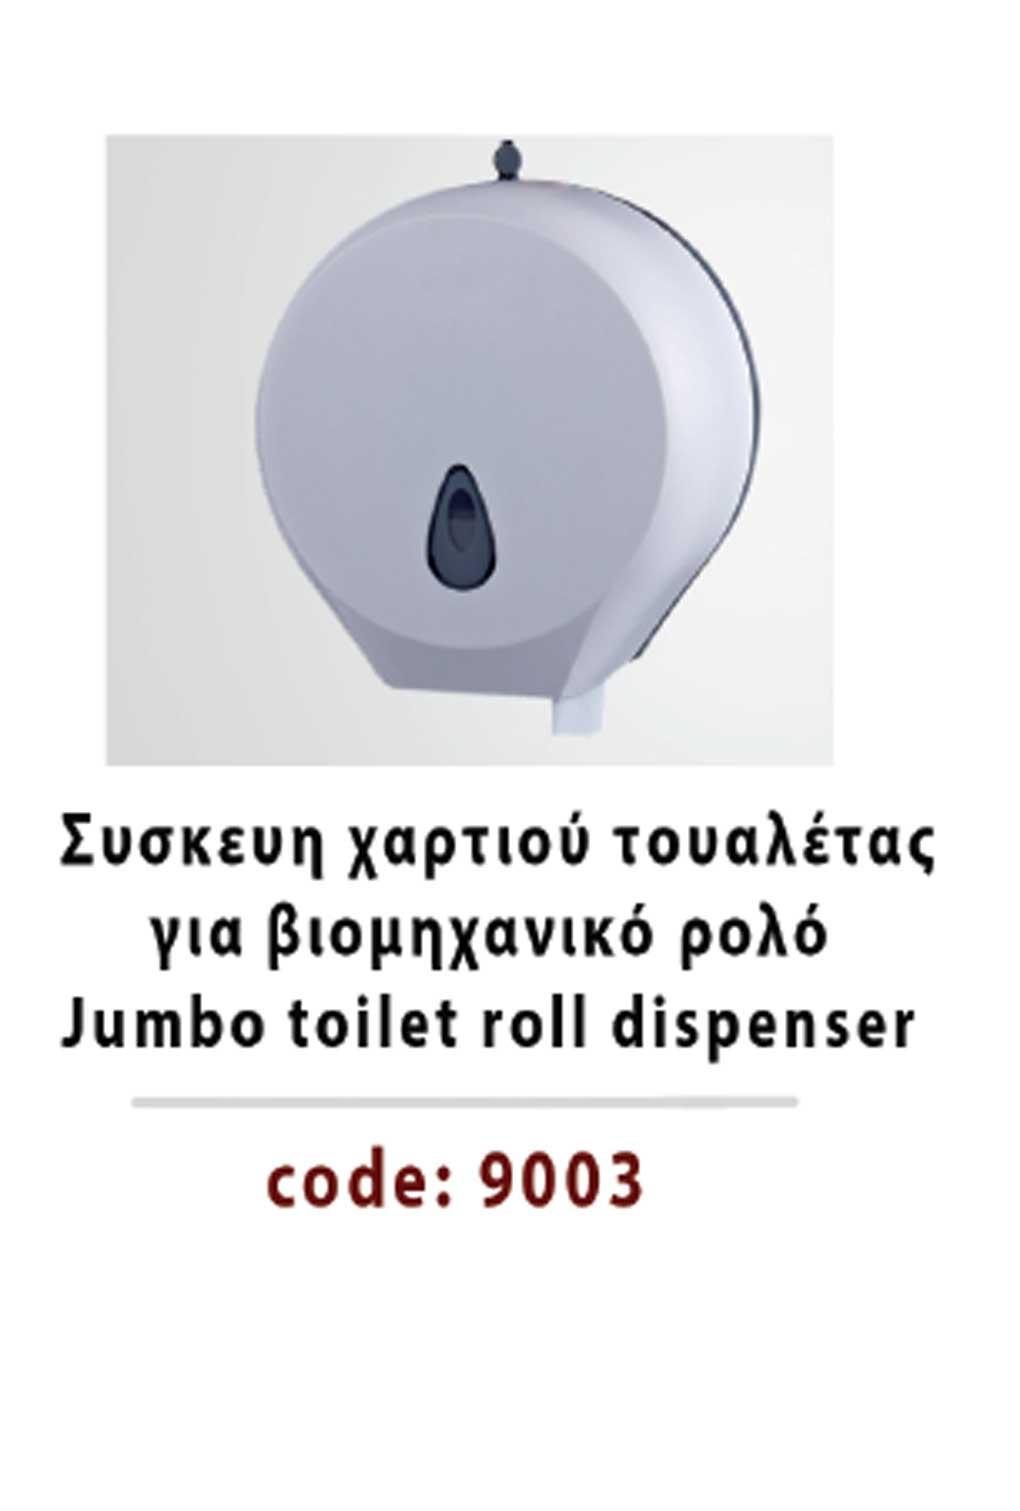 jumbo-toilet-roll-dispenser